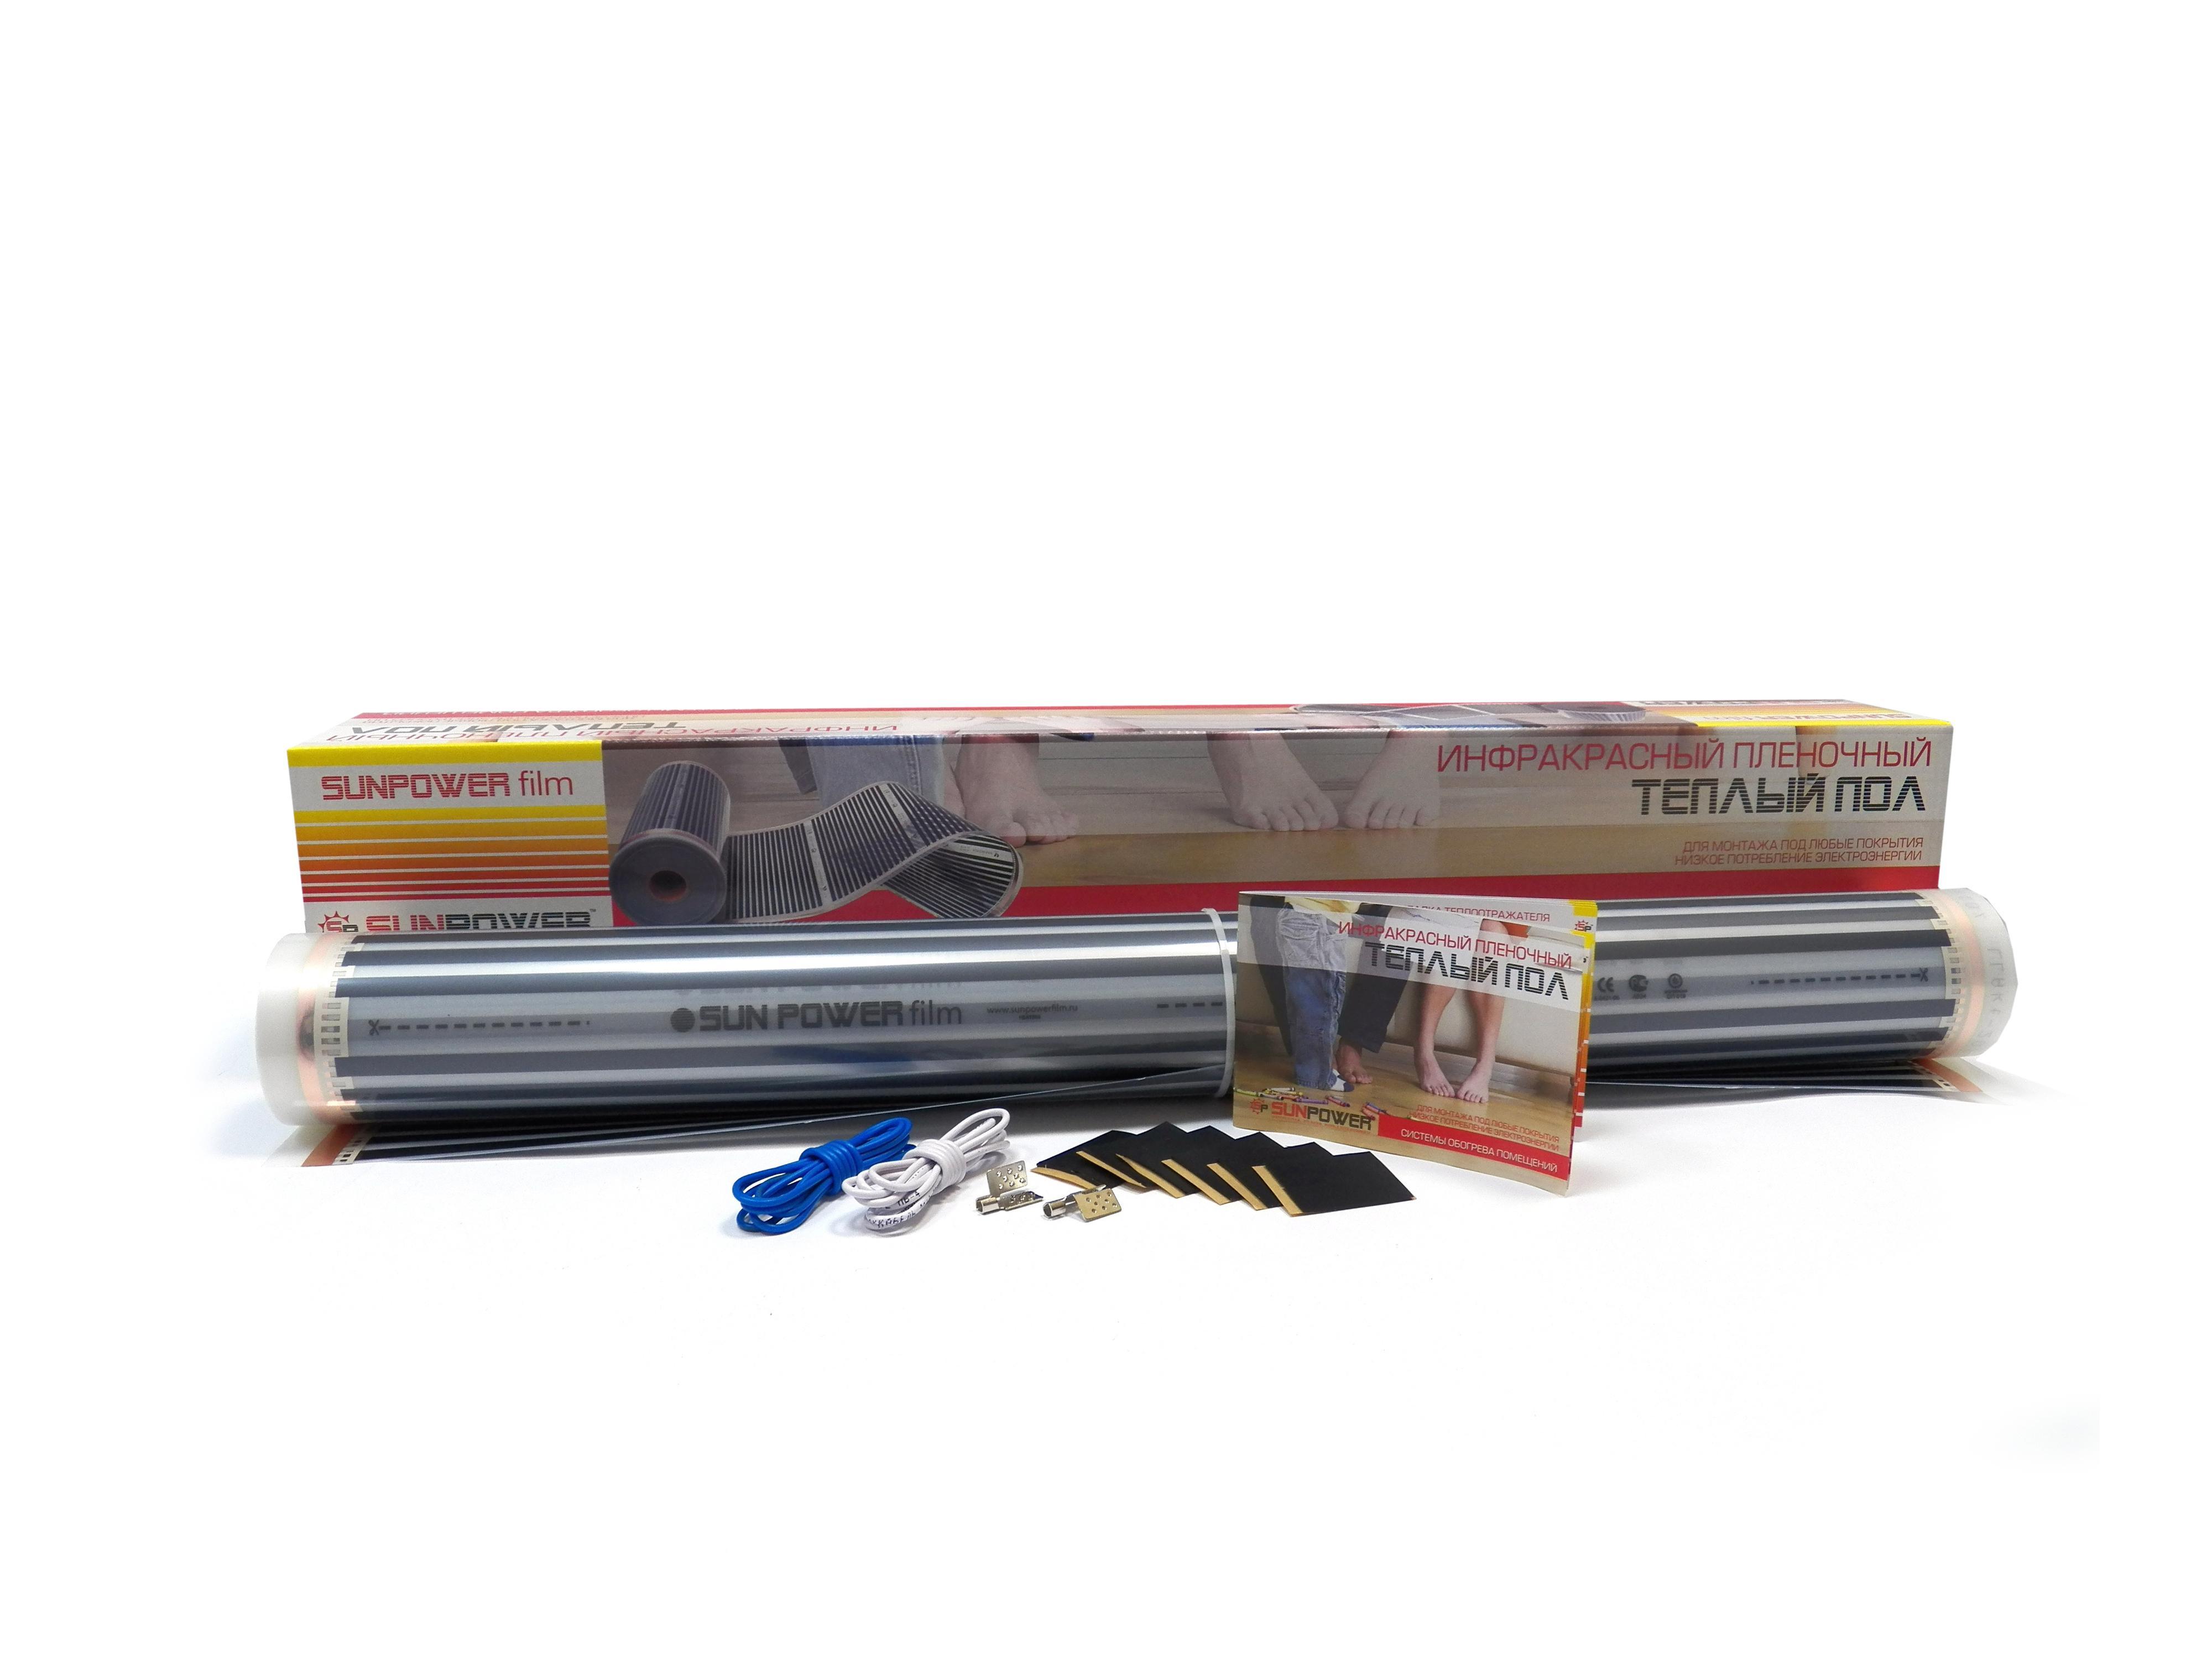 Теплый пол Sun power Spf 80-180-5 стоимость